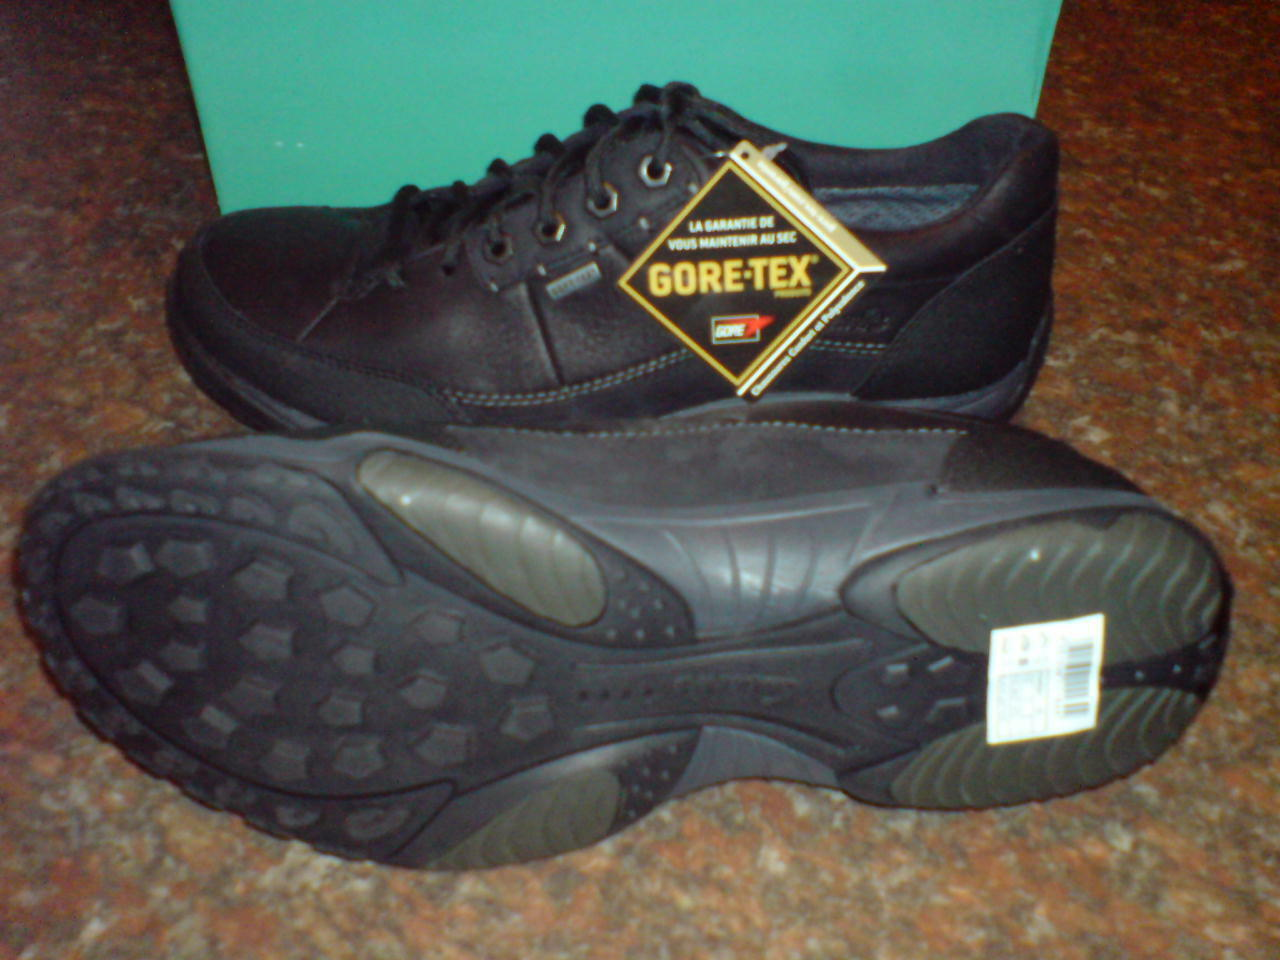 NEU Clarks Herren Kordel Kordel Herren Bild GTX schwarz Schuhe UK 6,5 / True 6 43c081